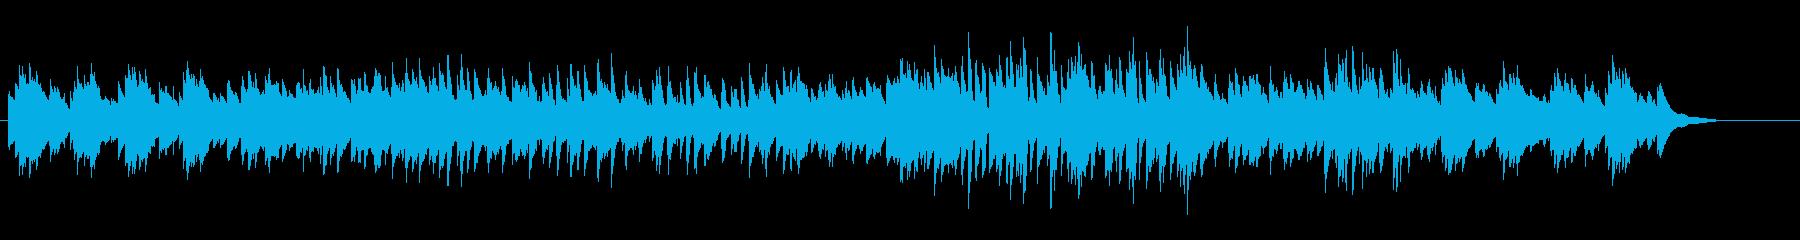 アジアン、和風なピアノの再生済みの波形